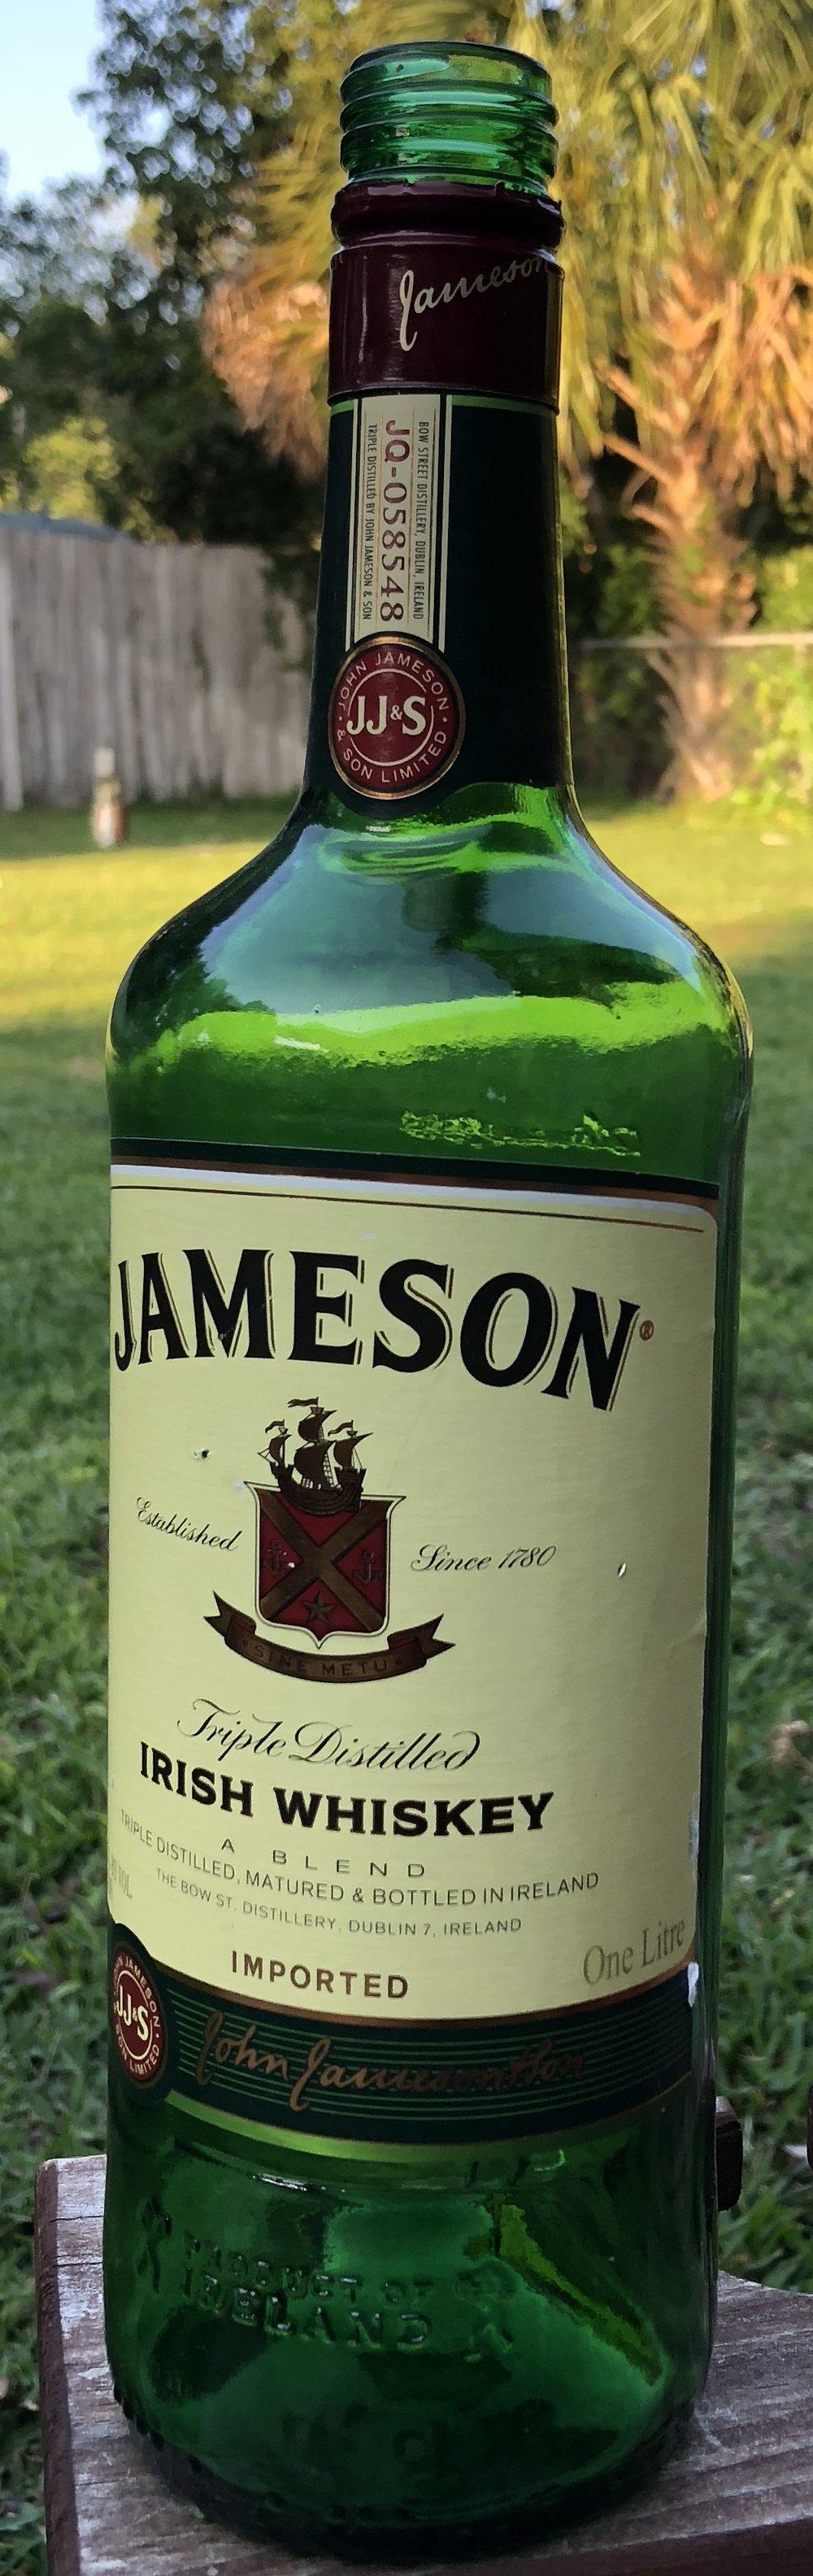 Jameson.jpg